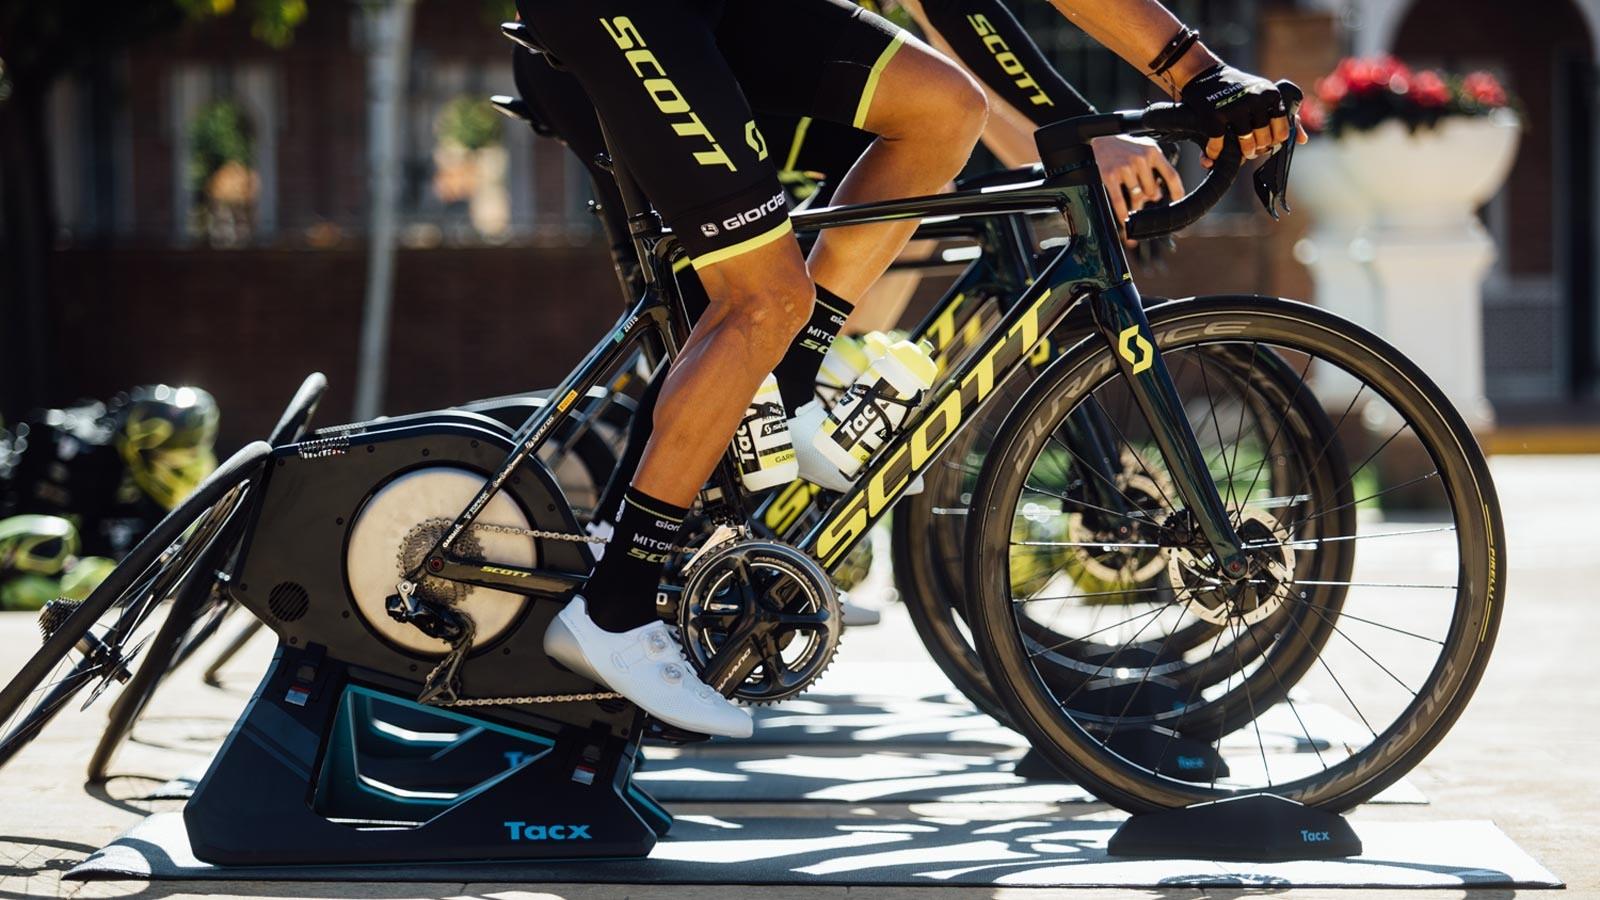 """Anunciamos la Serie de Eventos """"BikeExchange - Donde el Mundo Pedalea"""" Junto al Equipo Mitchelton-Scott y Zwift."""